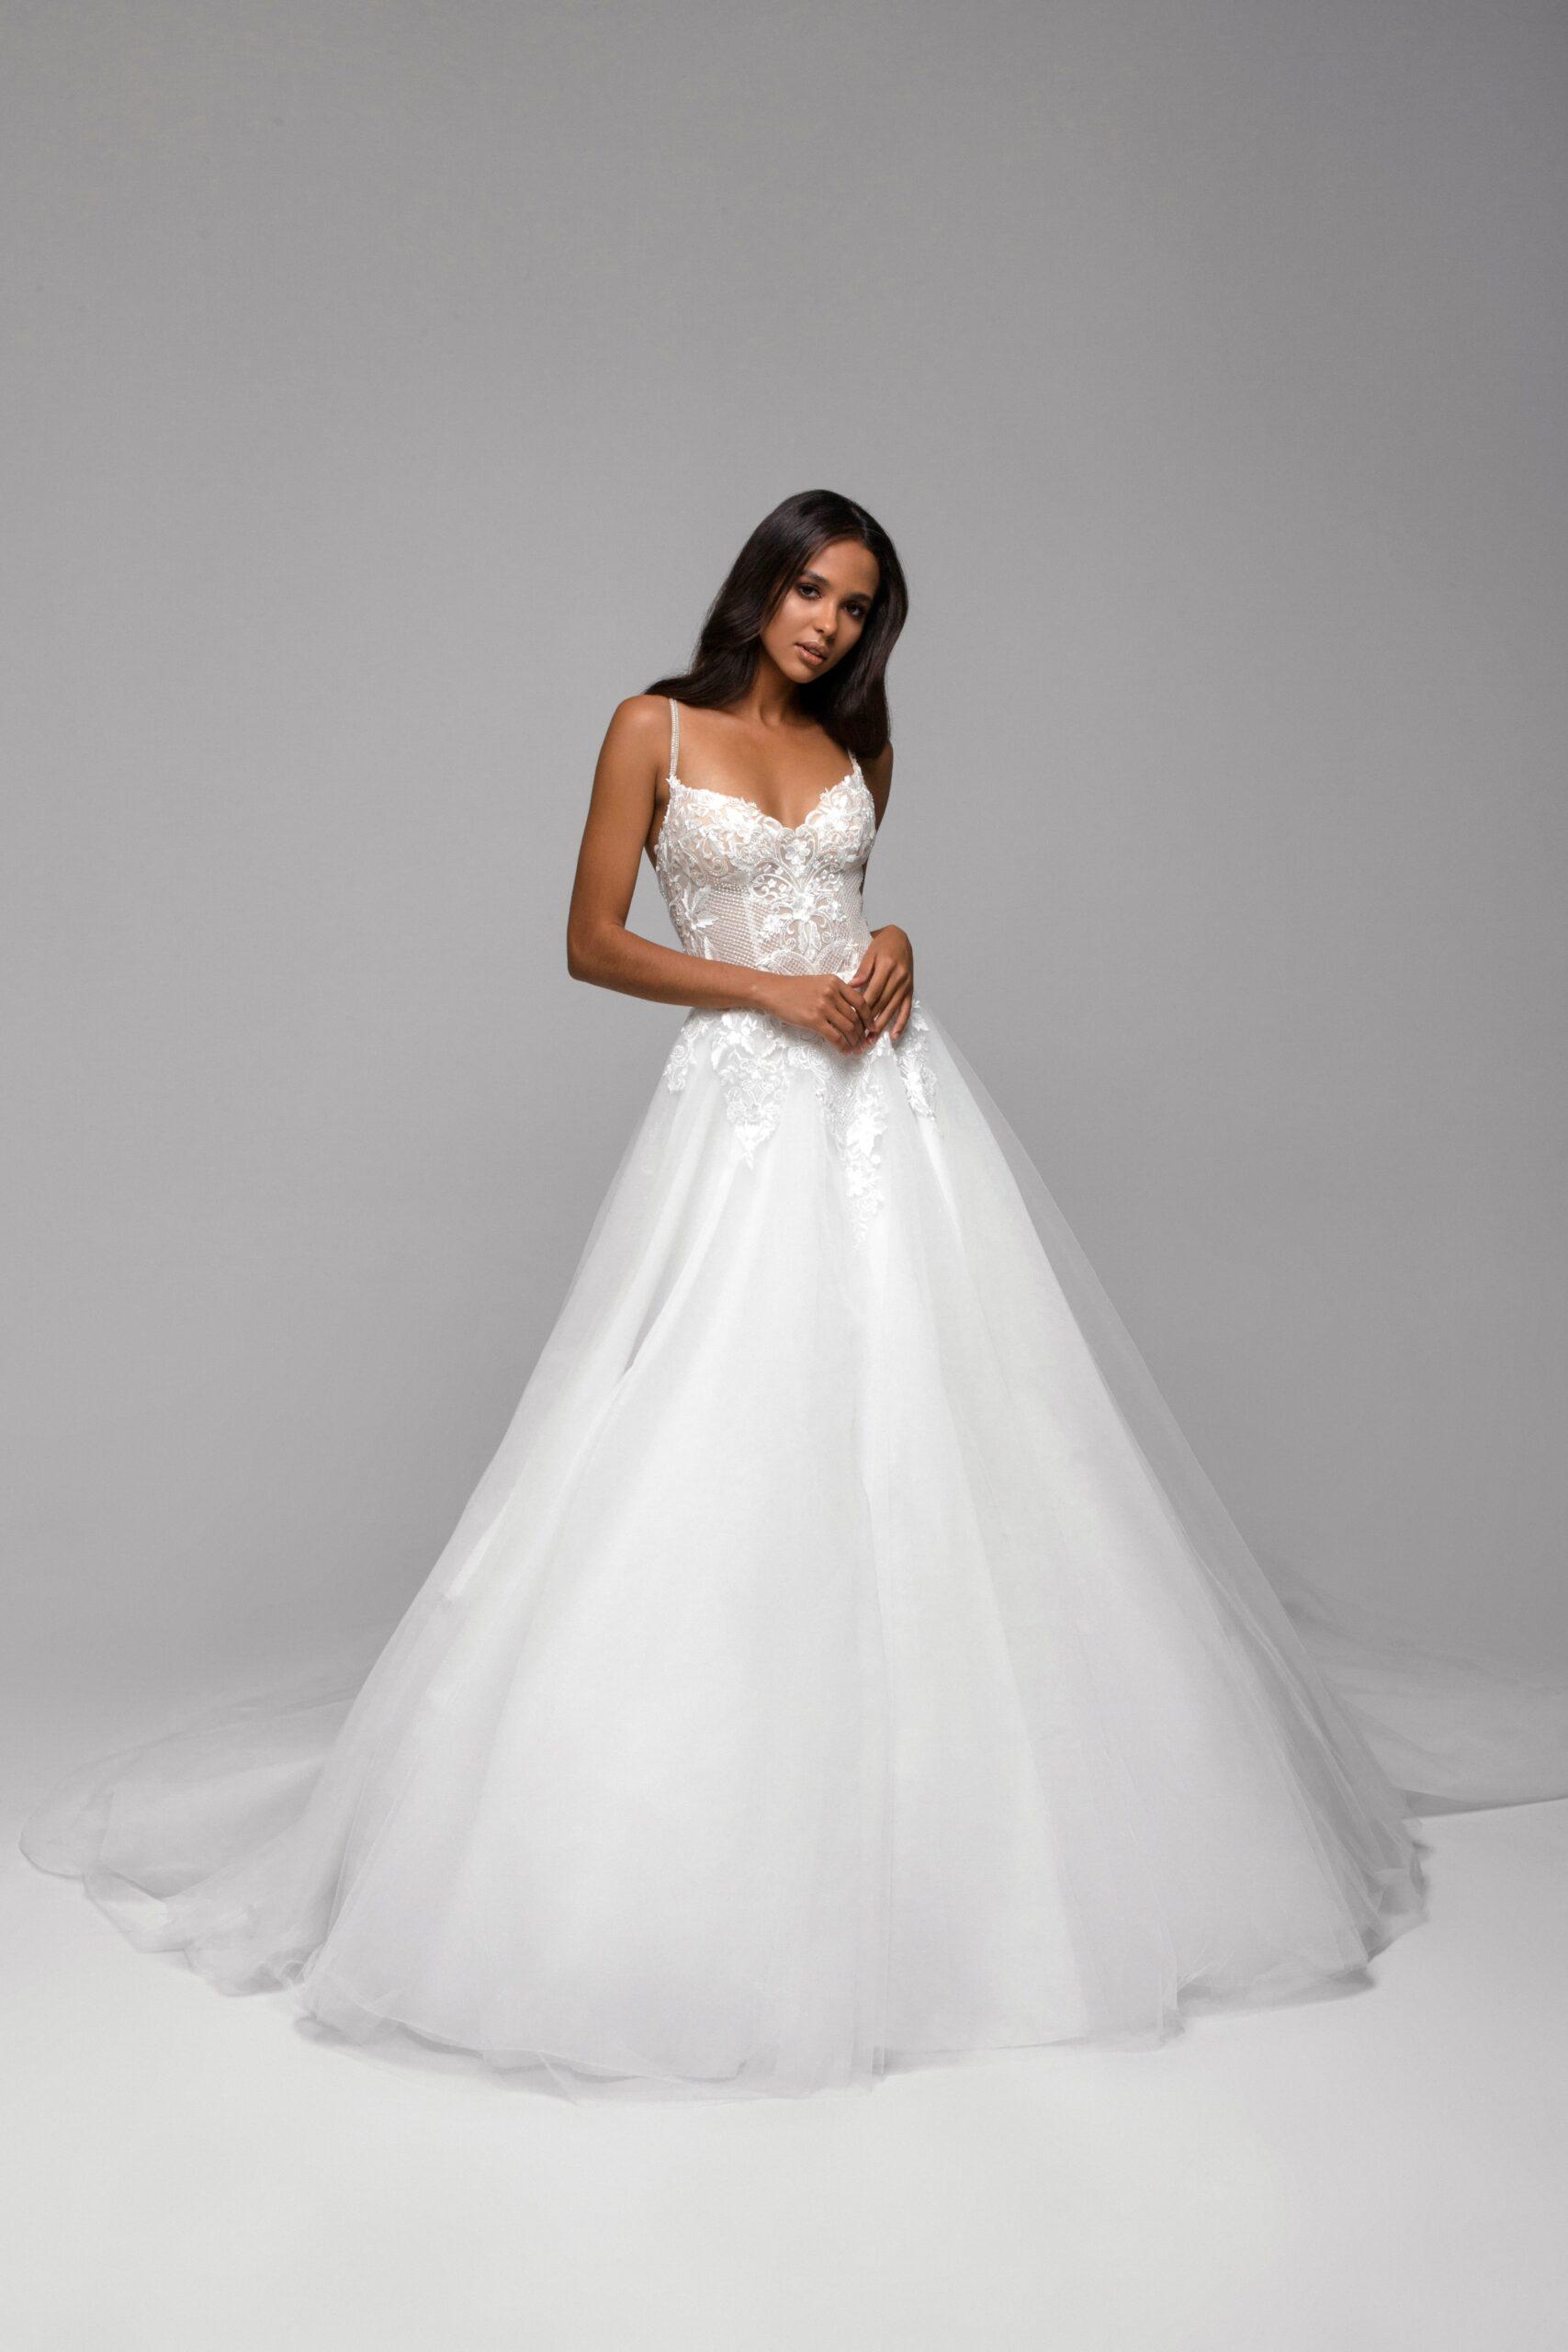 Купить свадебное платье Львов